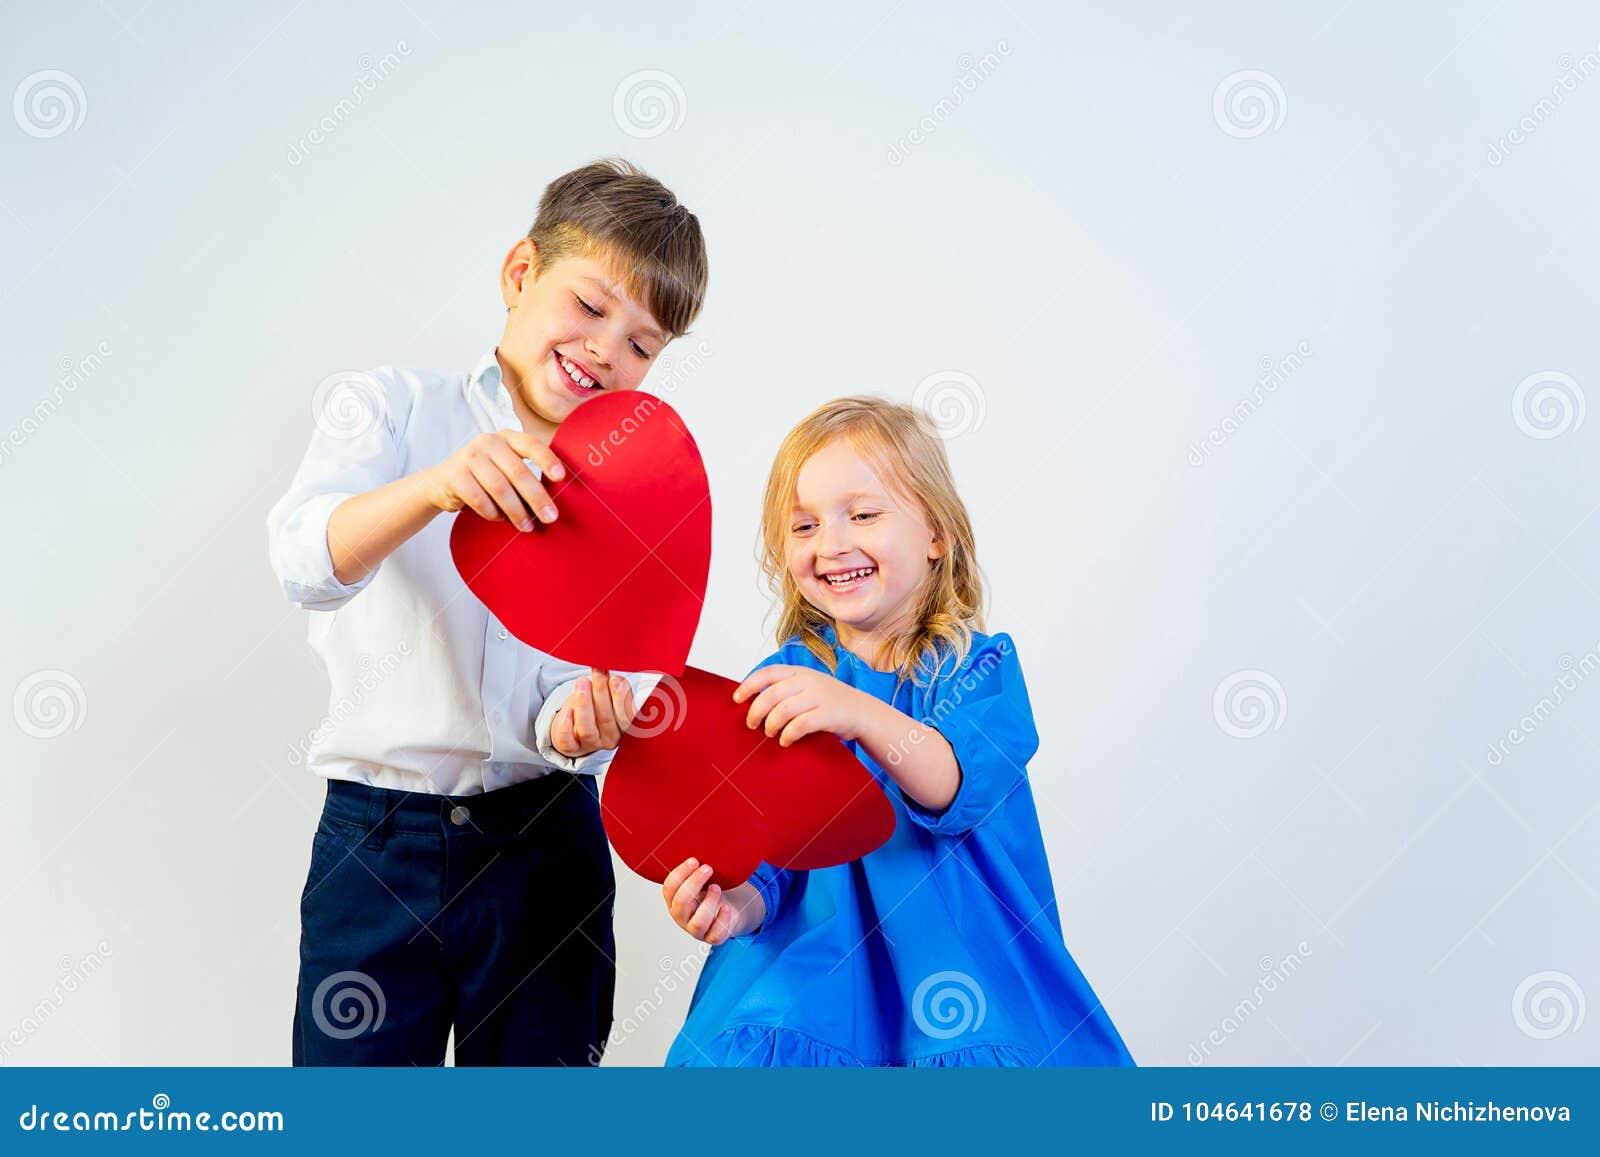 Download De Dag Van Jonge Geitjesvalentine Stock Foto - Afbeelding bestaande uit mensen, emotie: 104641678